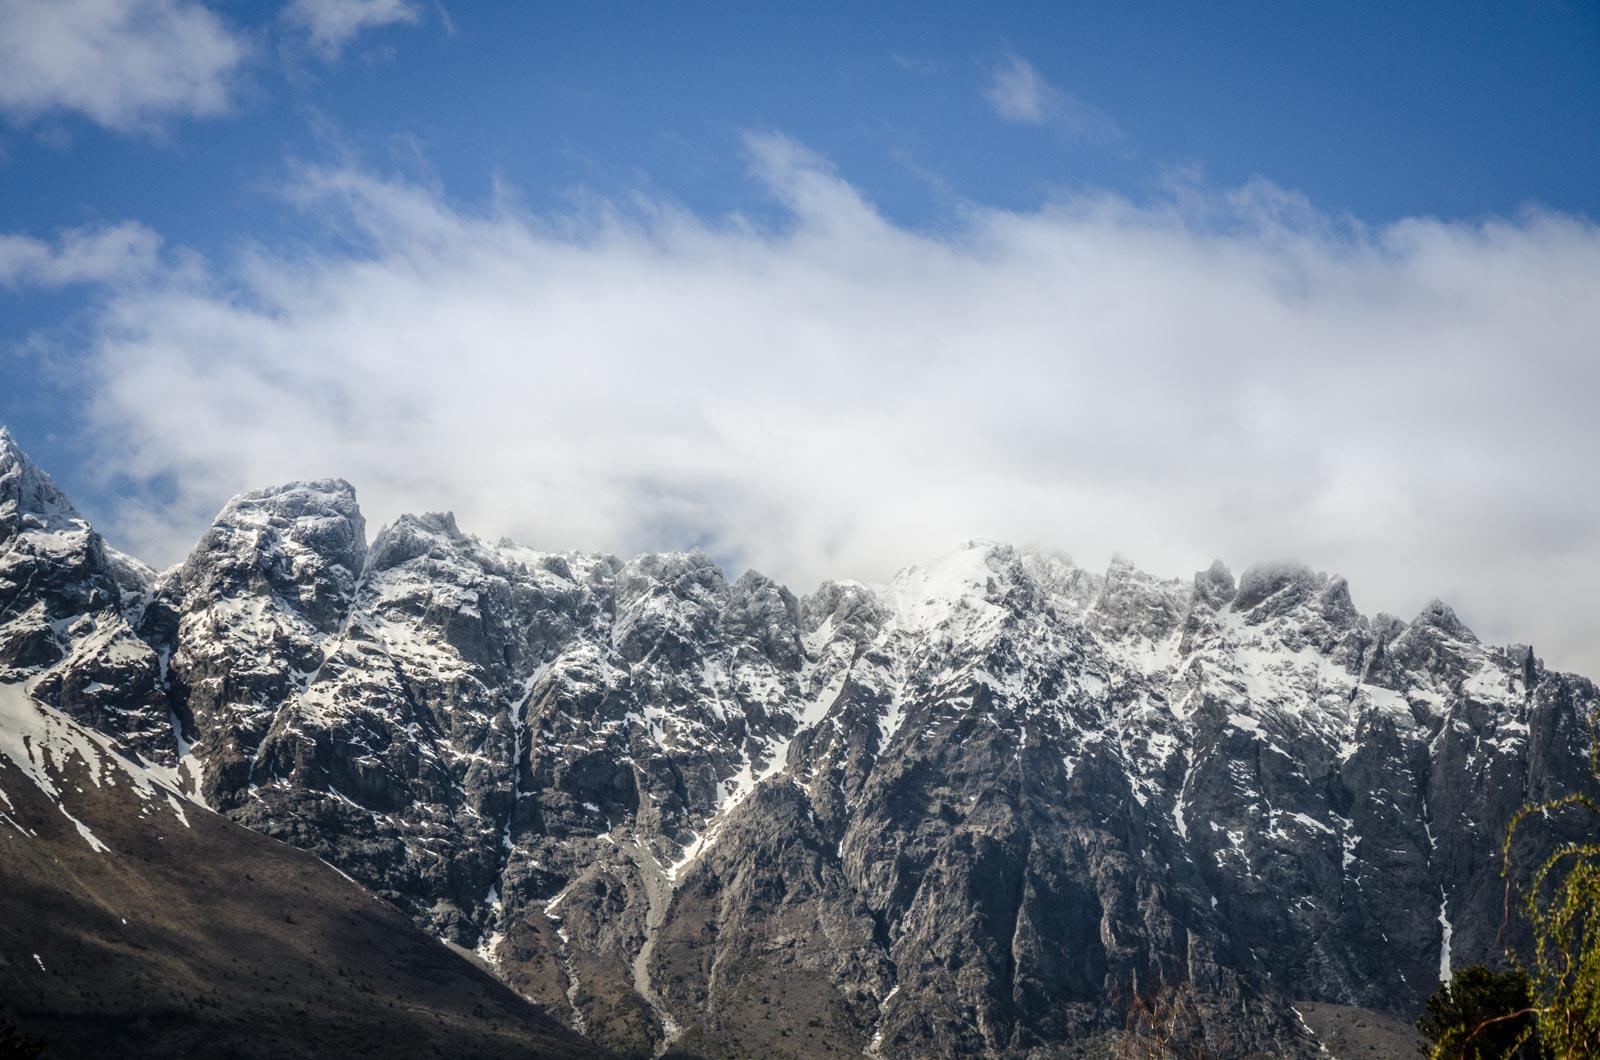 Cerro Piltiquitron